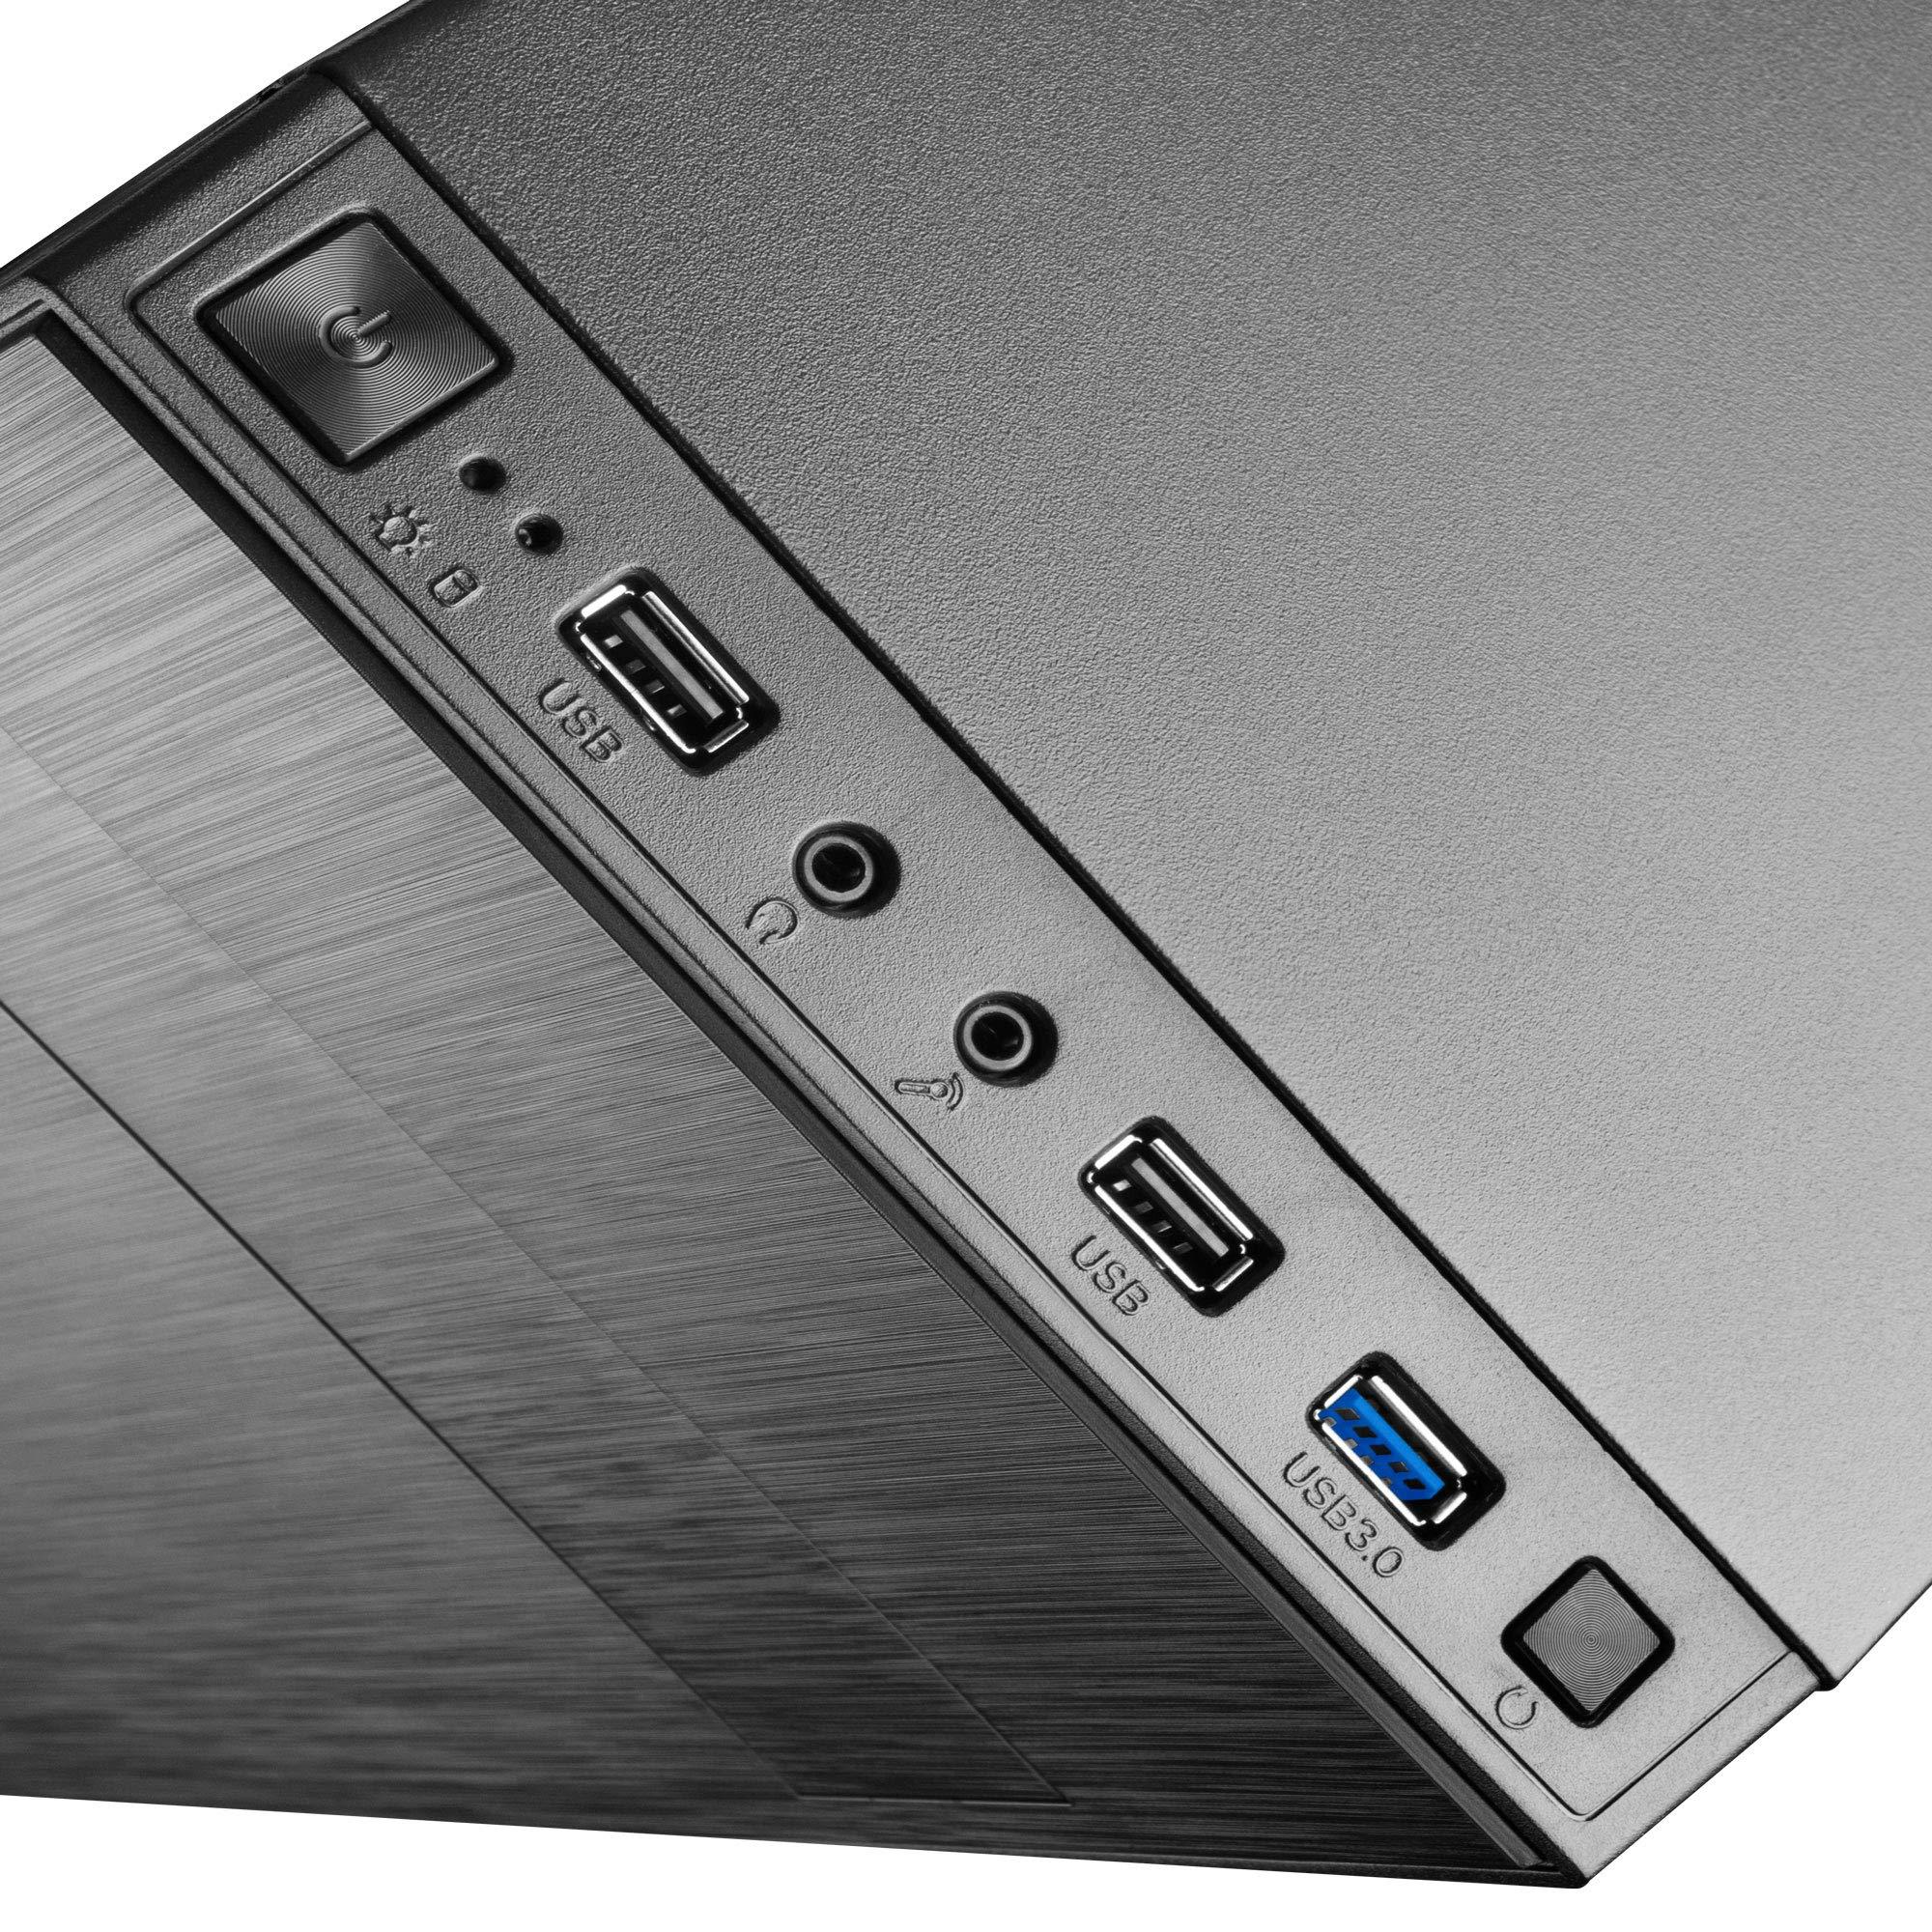 Tacens 2 ALU II, caja de ordenador PC, semitorre, ATX, ventilador 12 cm, USB 3.0, Color Negro: Amazon.es: Informática